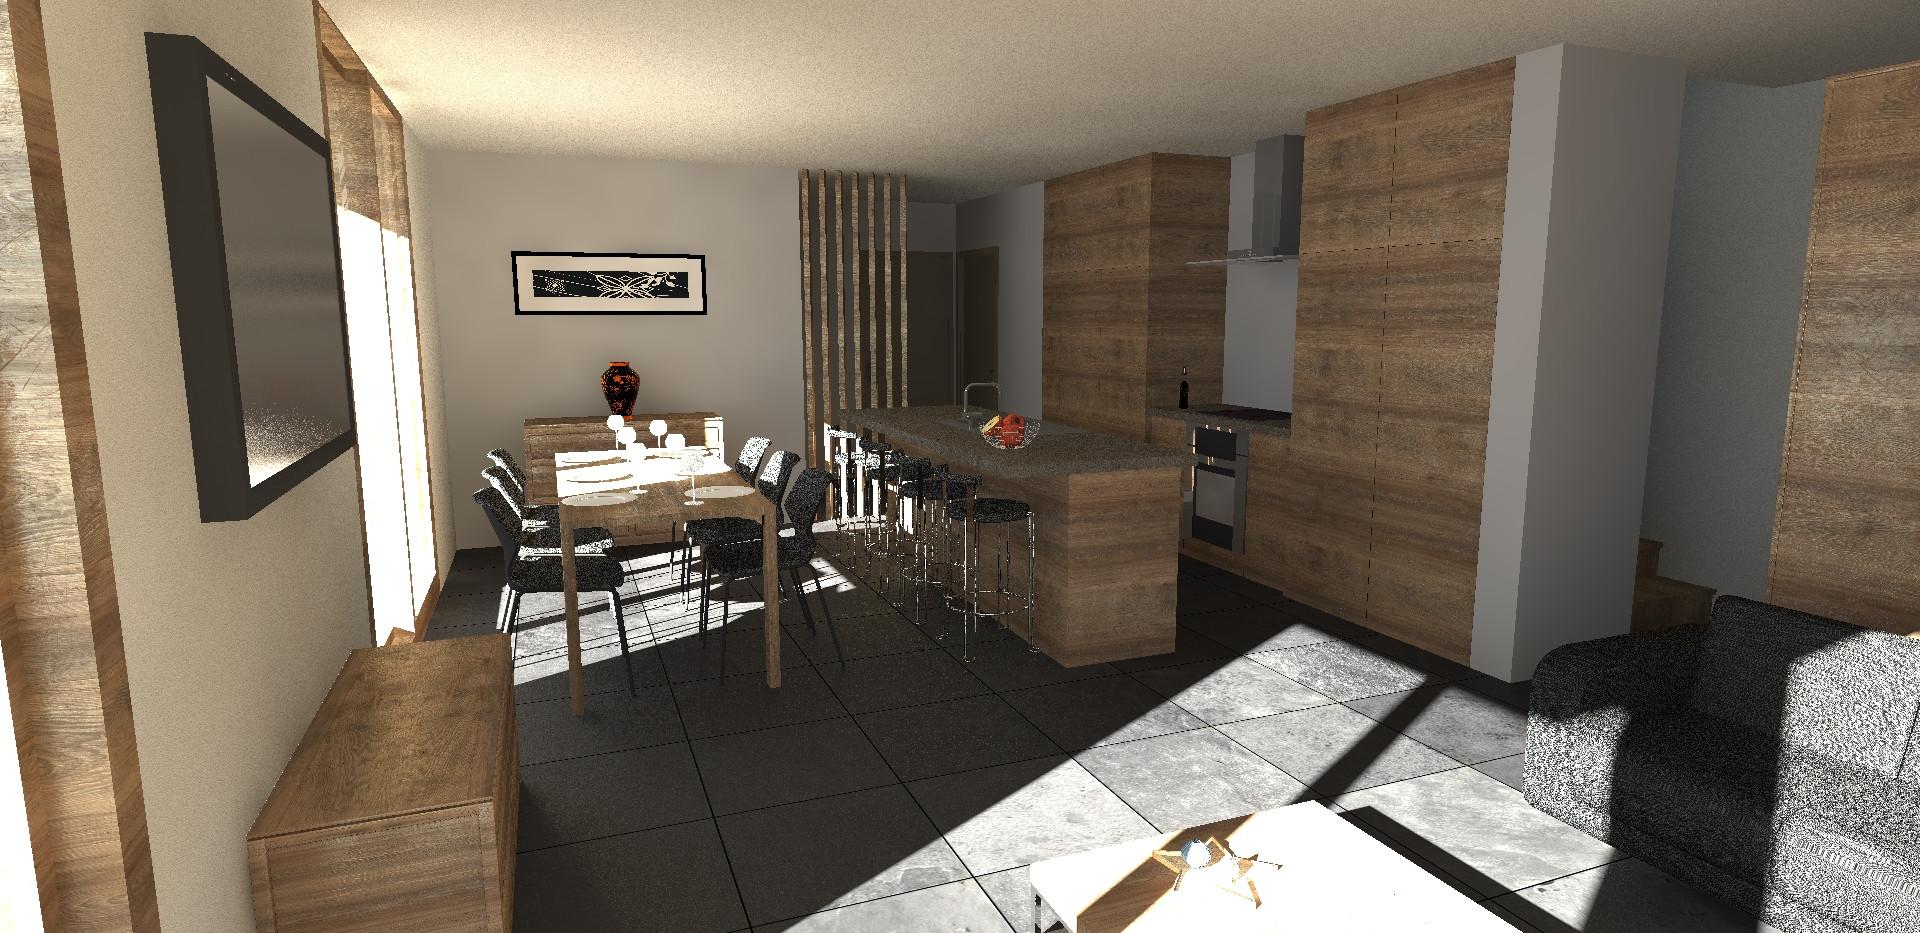 Intérieur - cuisine